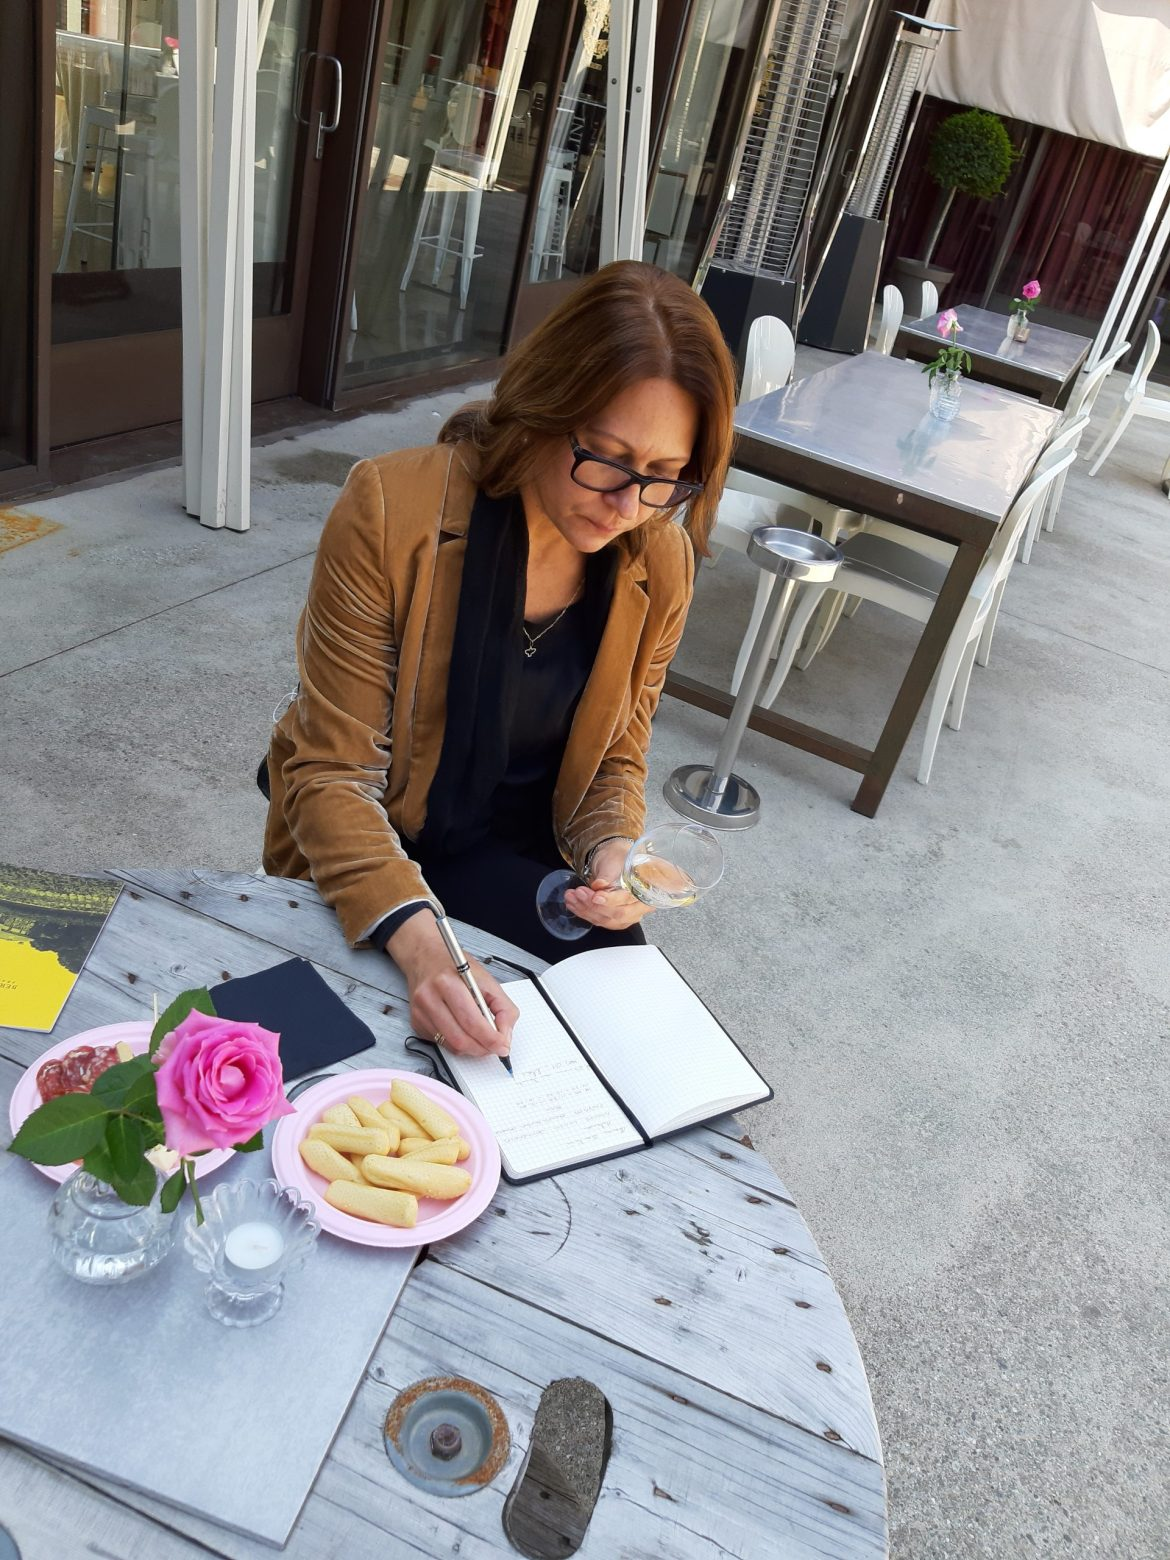 Alessandra na degustação fazendo suas anotações